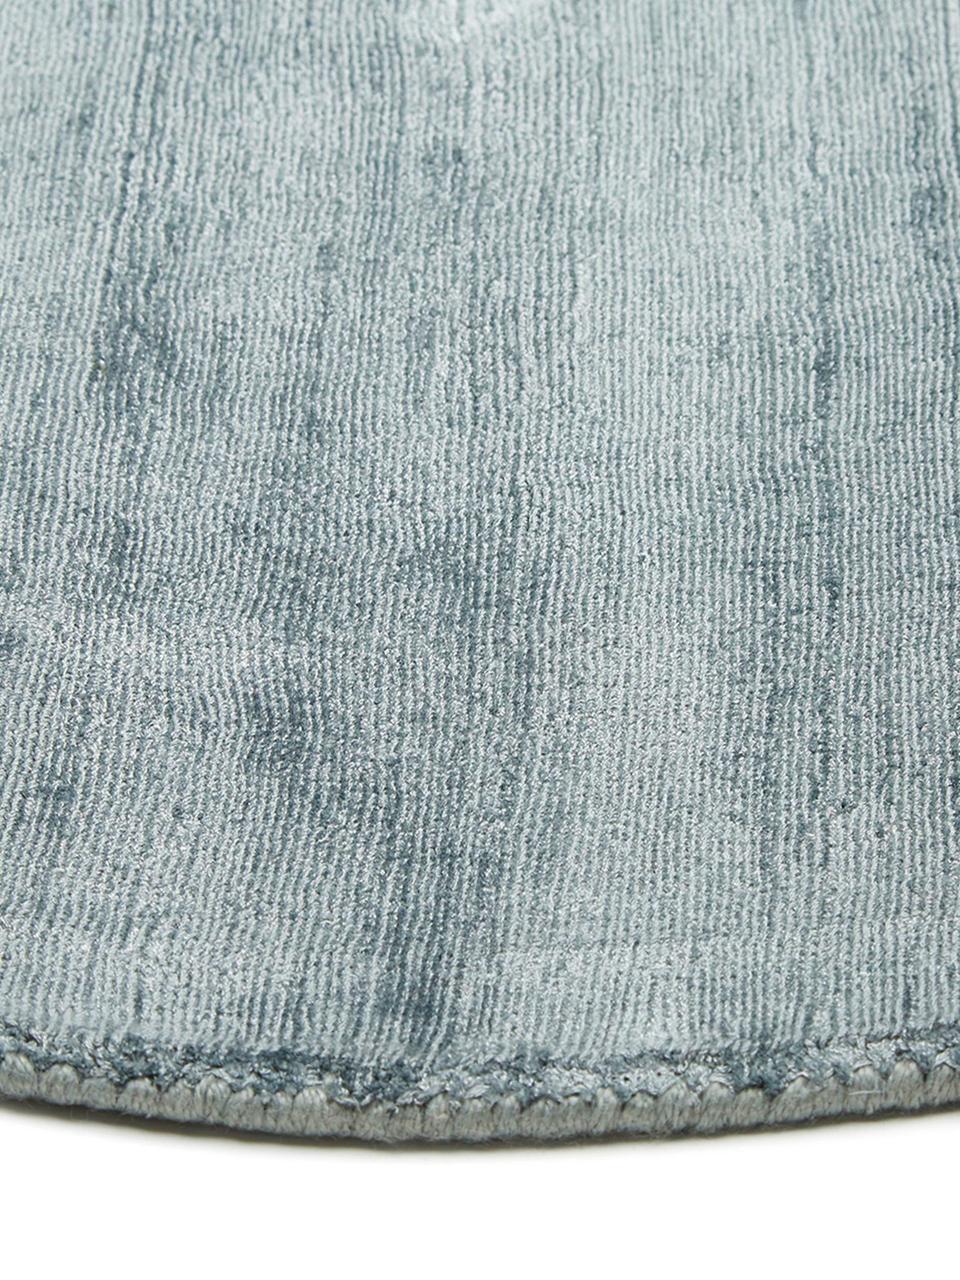 Tappeto rotondo in viscosa blu ghiaccio tessuto a mano Jane, Retro: 100% cotone, Blu ghiaccio, Ø 200 cm (taglia L)